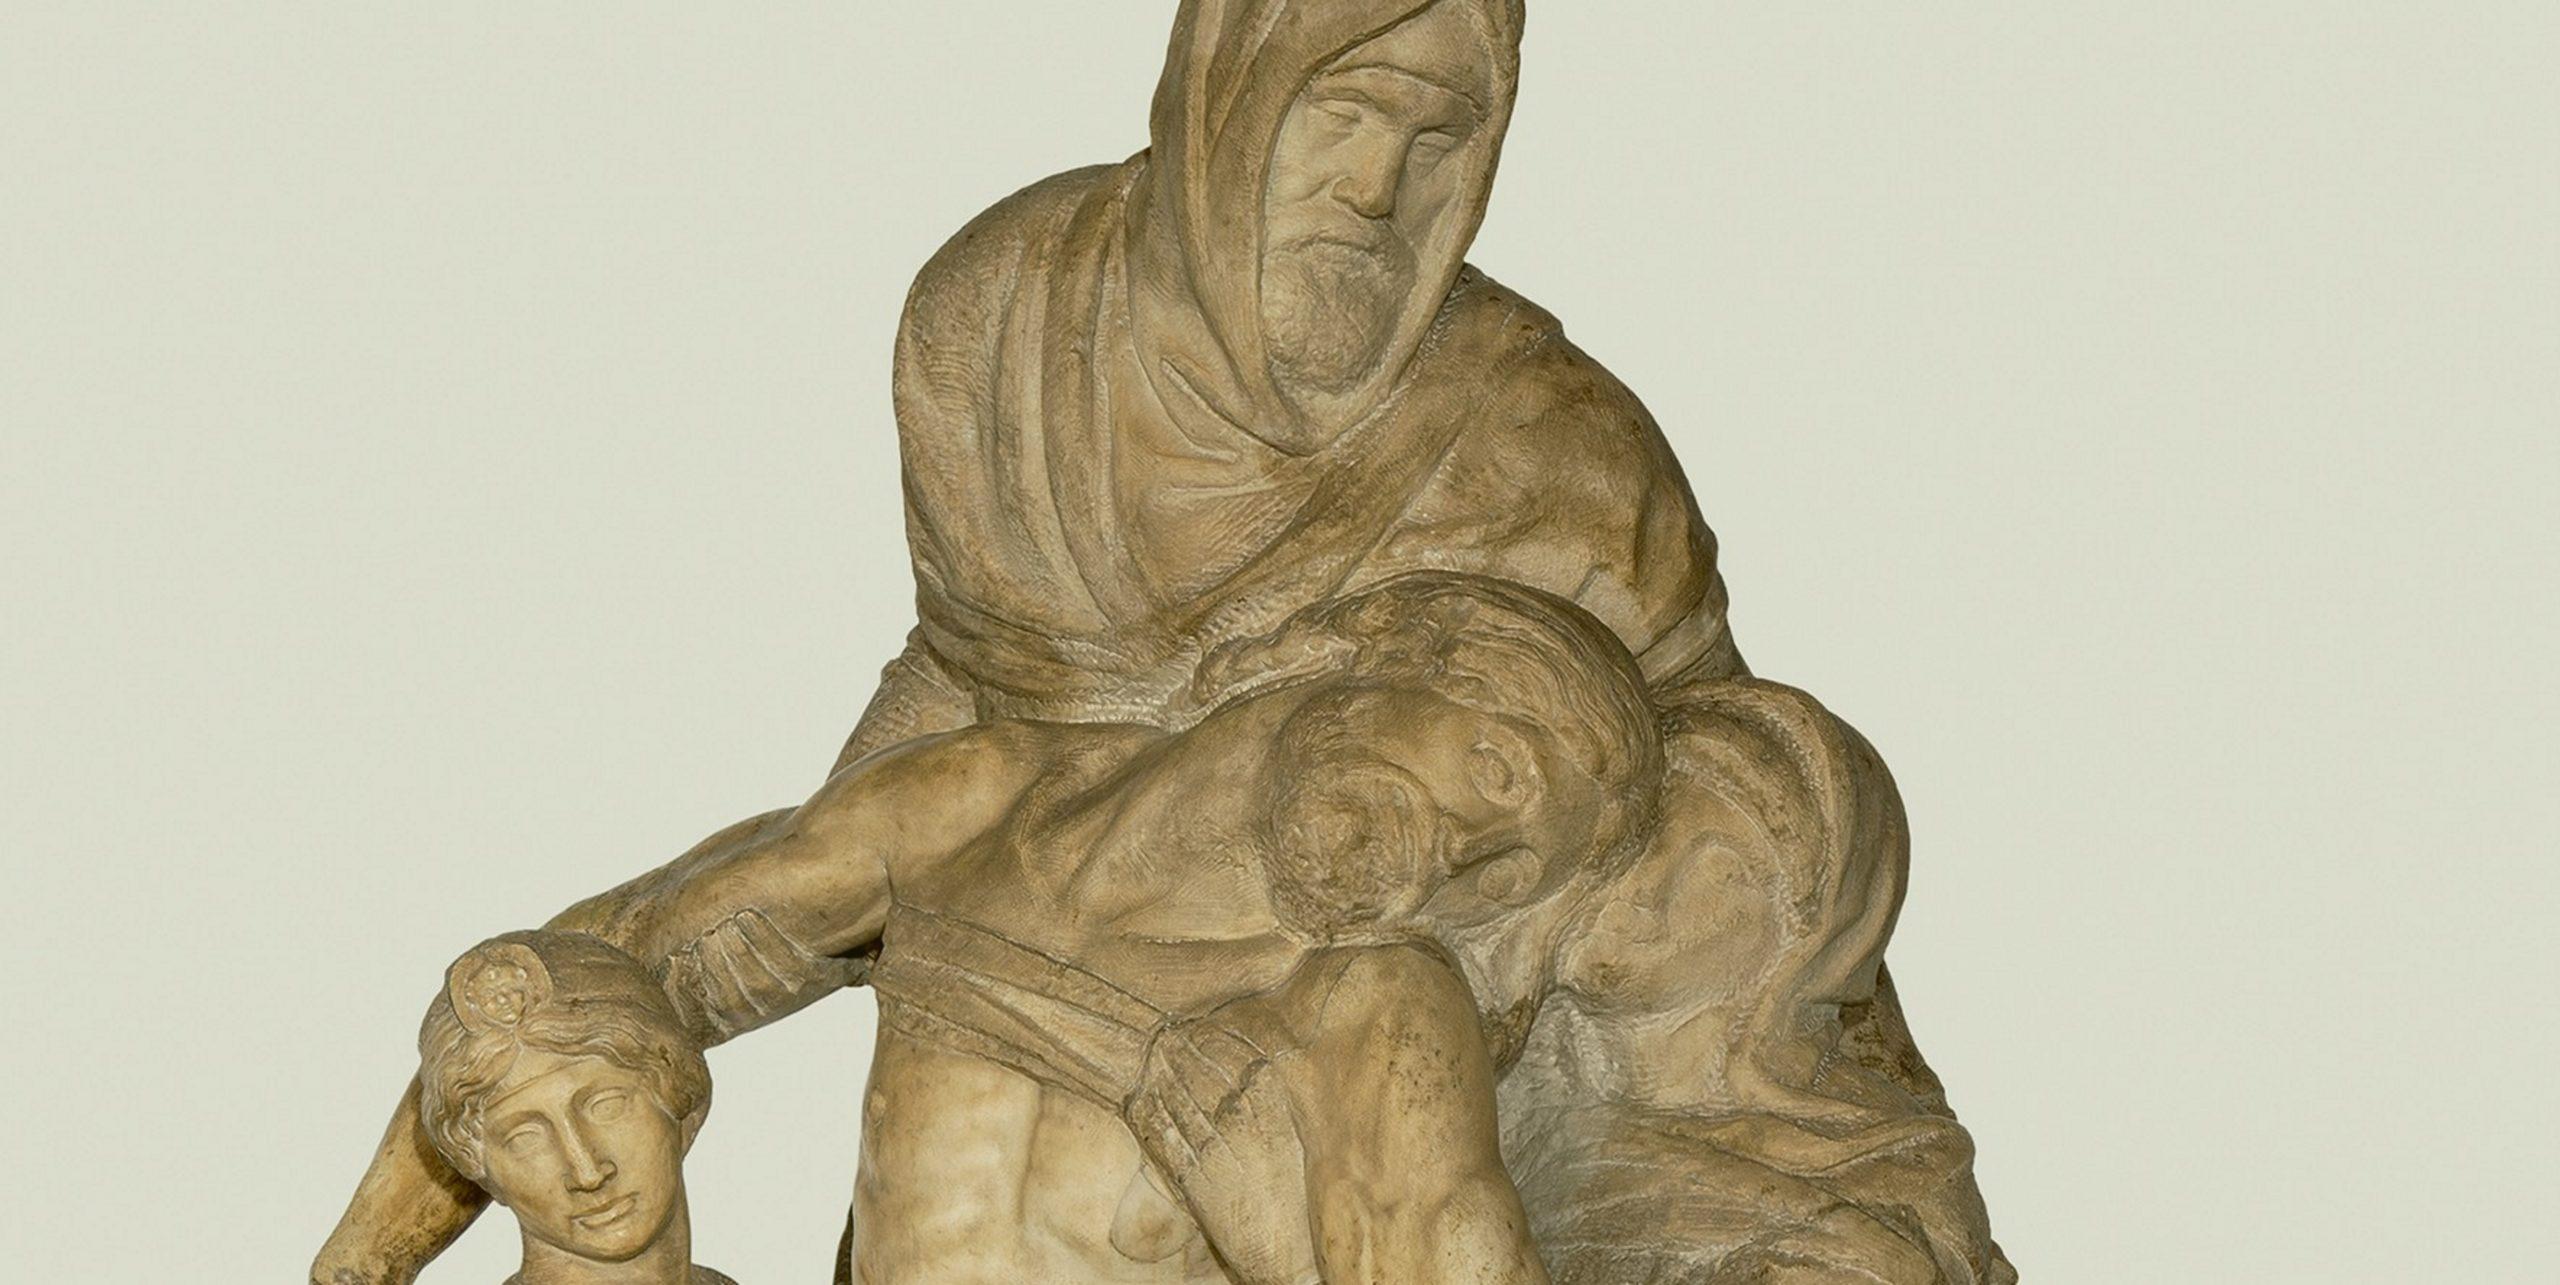 Opera infinita. Al via a Firenze il restauro della Pietà Bandini di Michelangelo